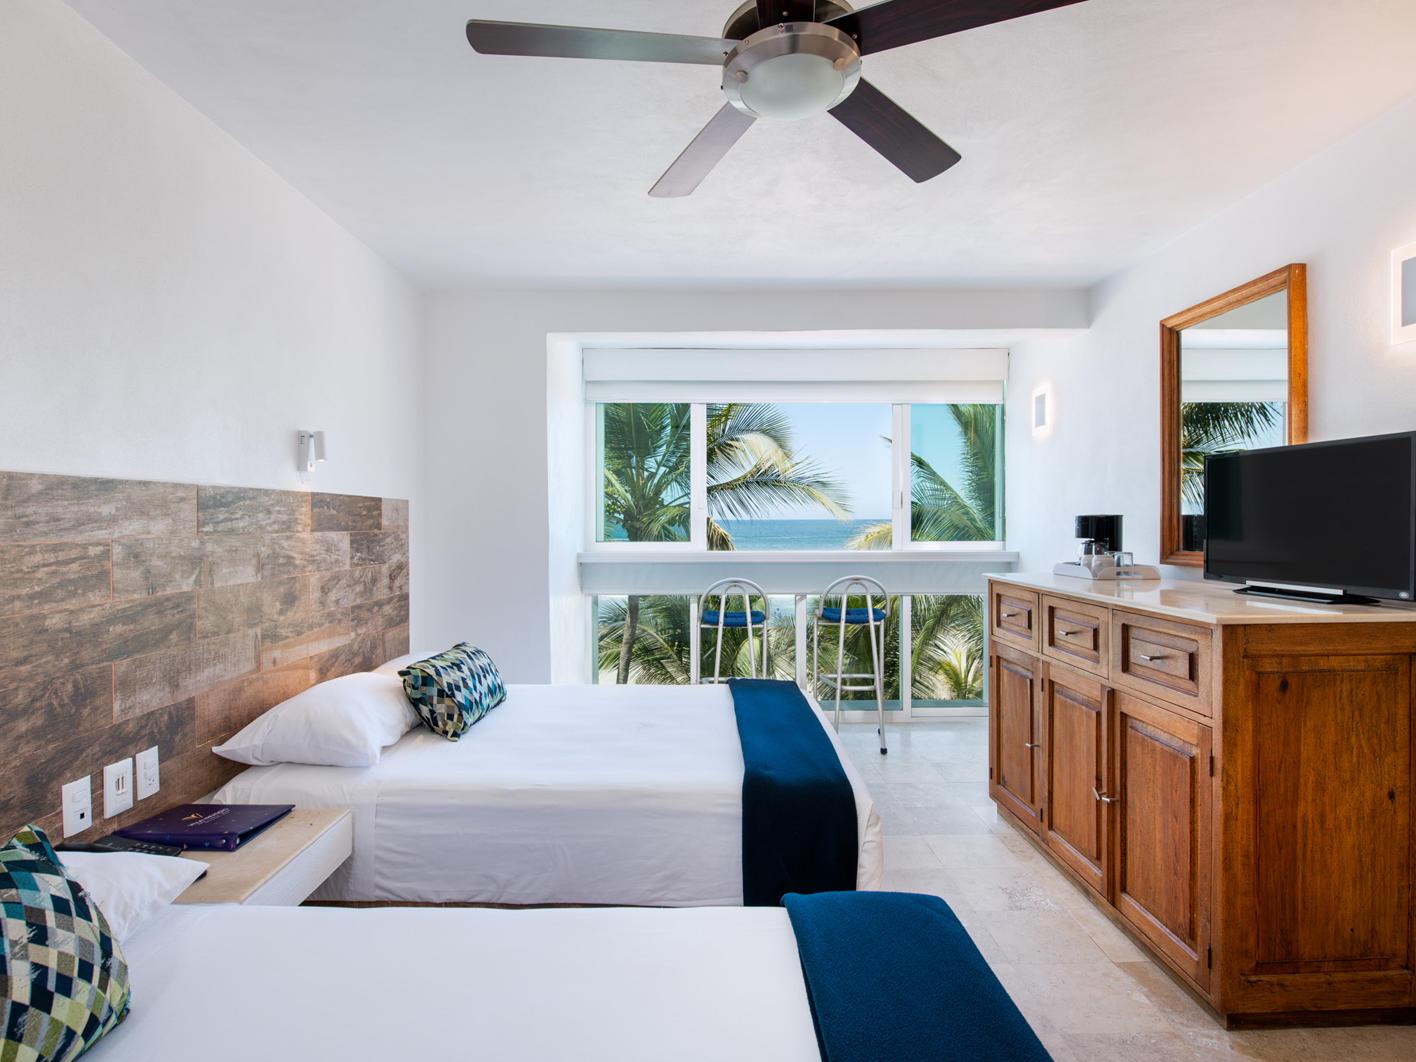 Superior Room at Hotel Villa Varadero